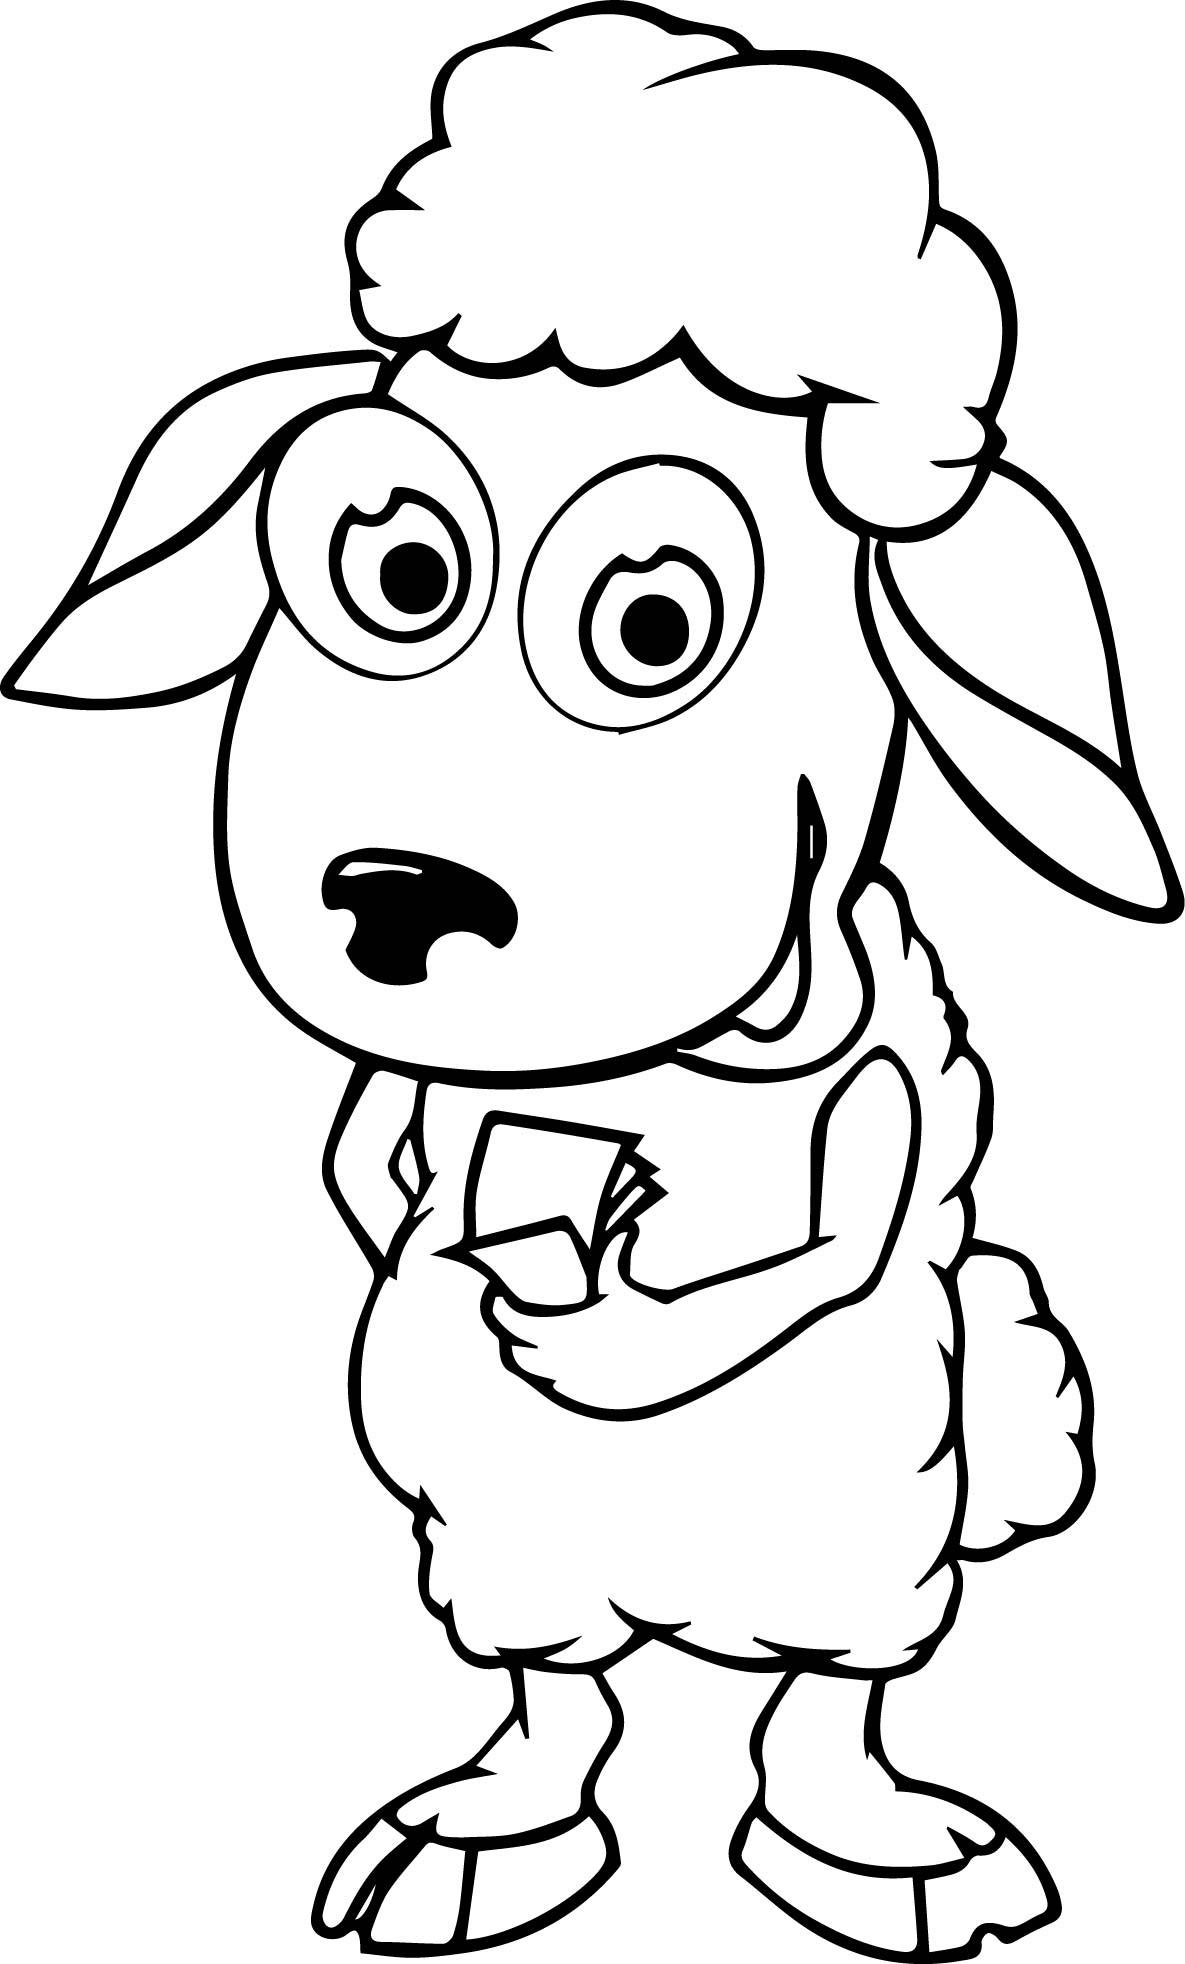 Cartoon Sheep Coloring Page